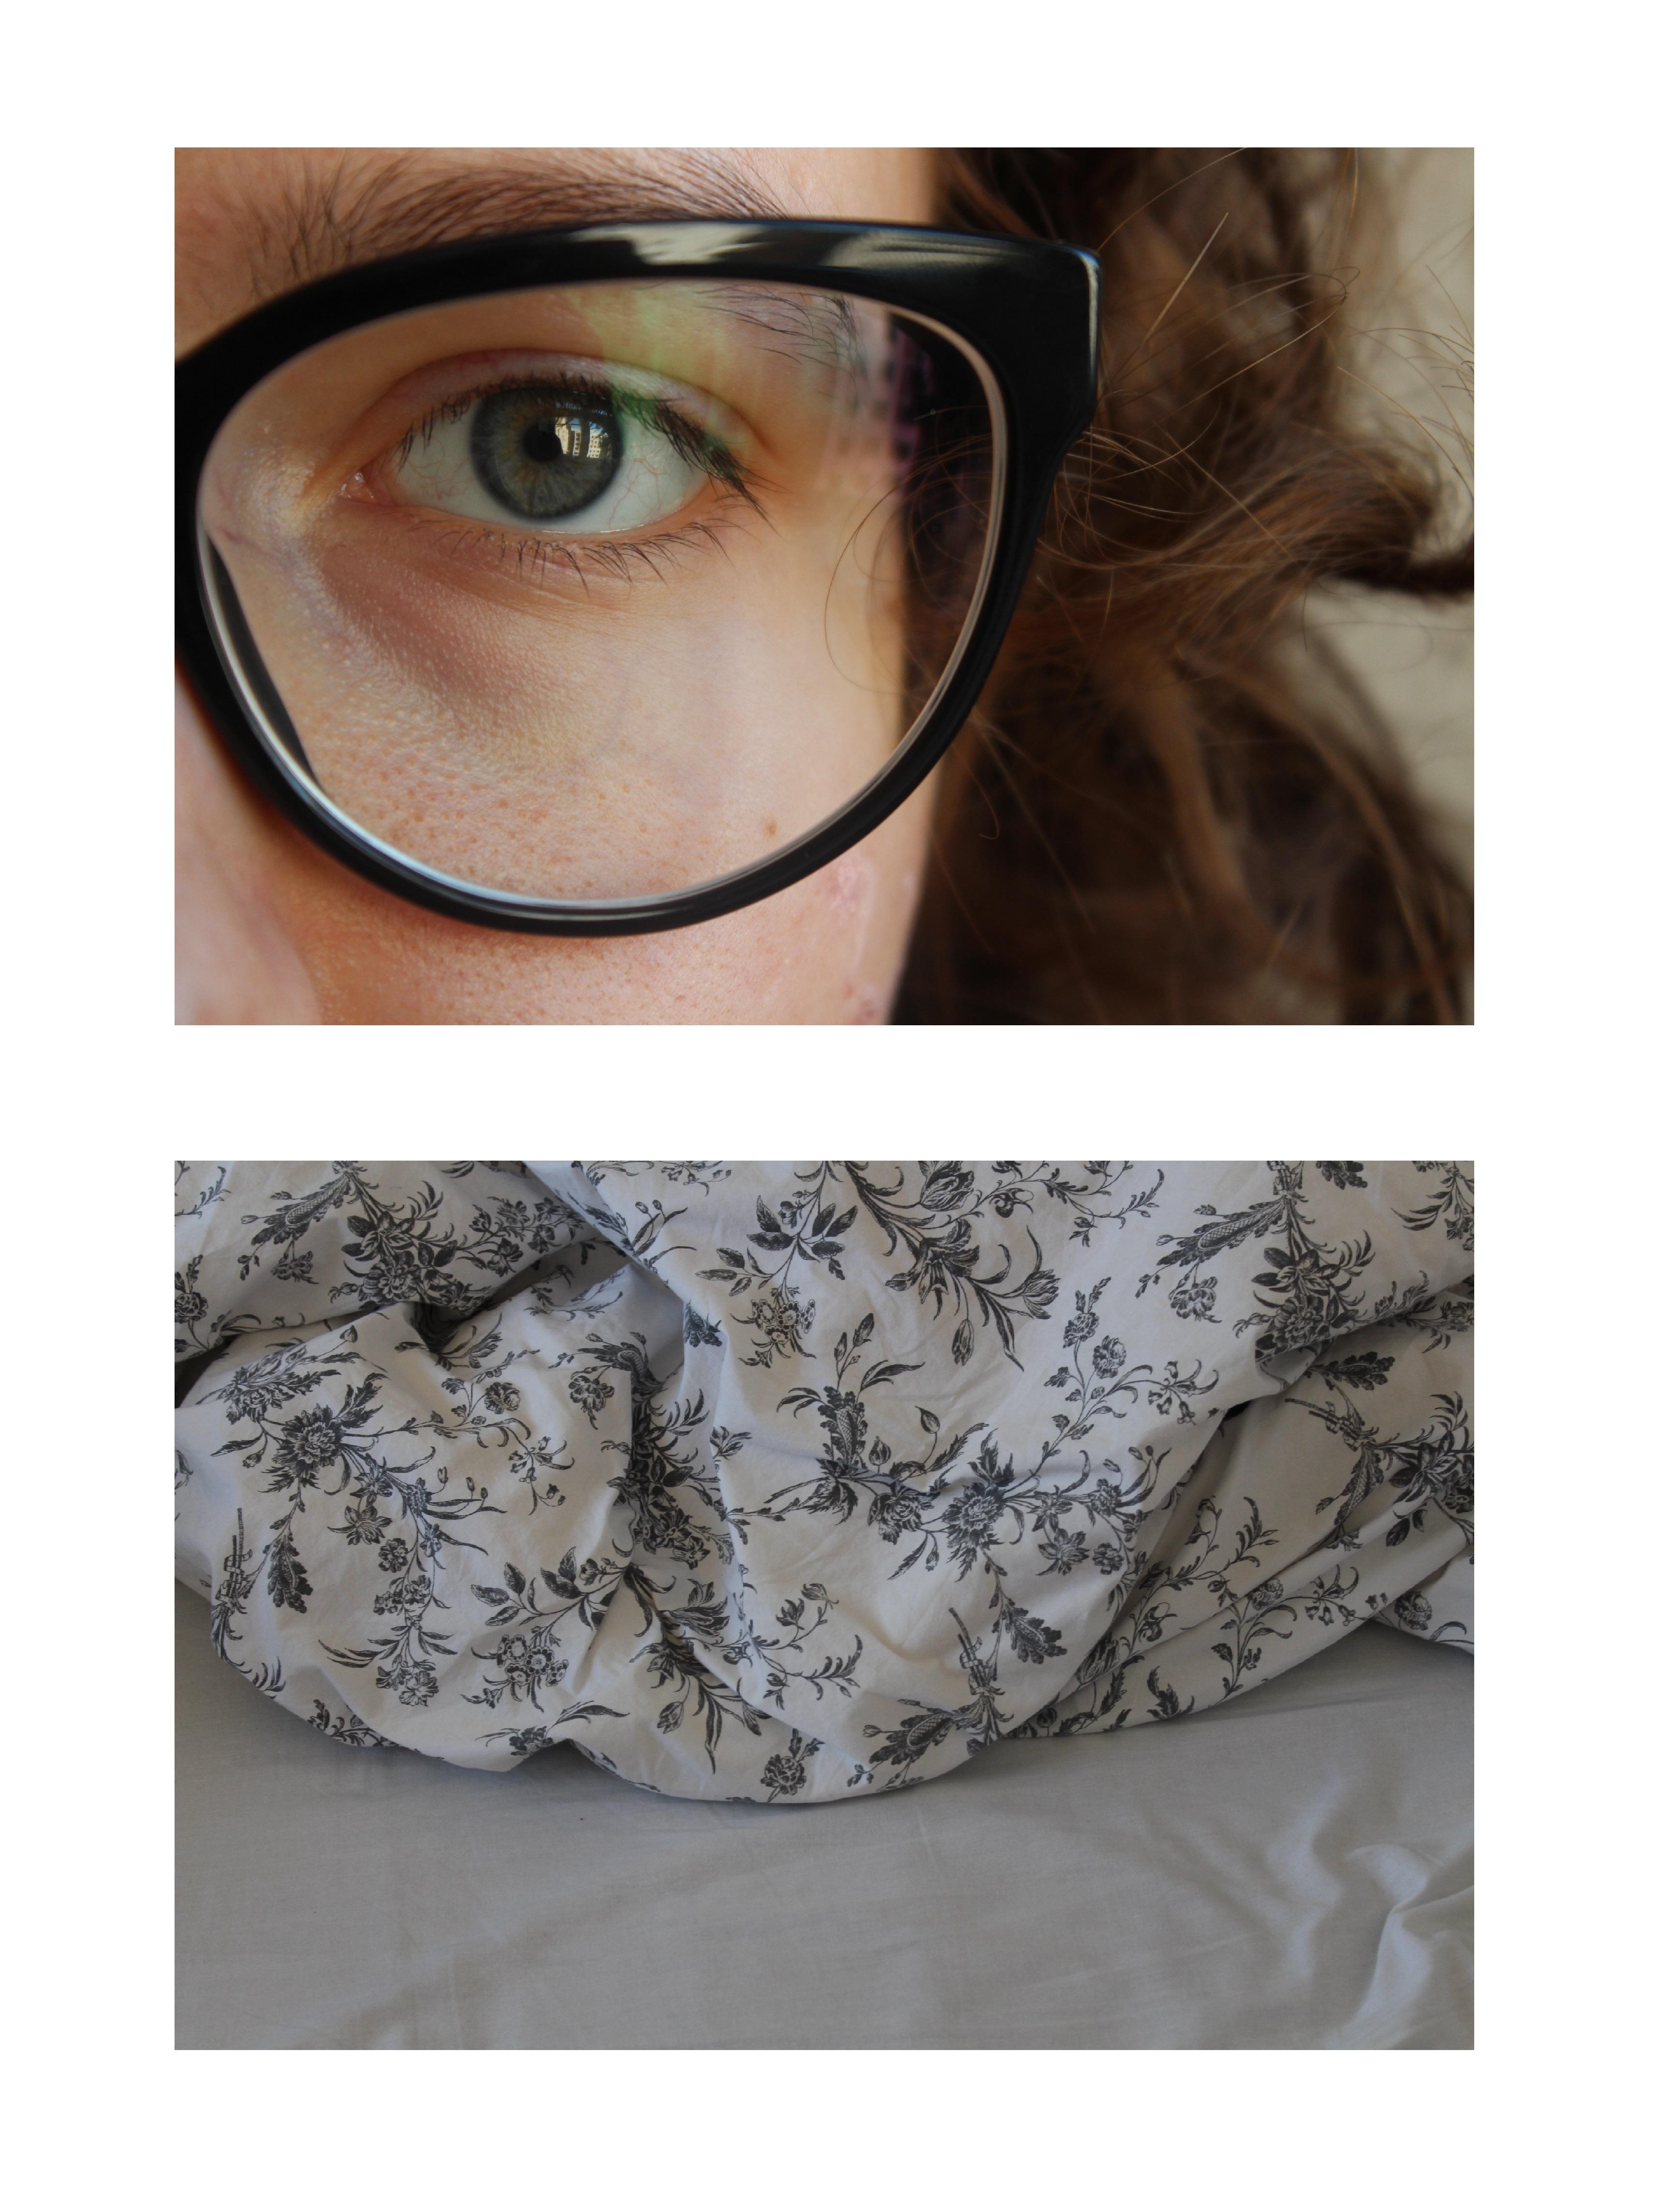 eyebed